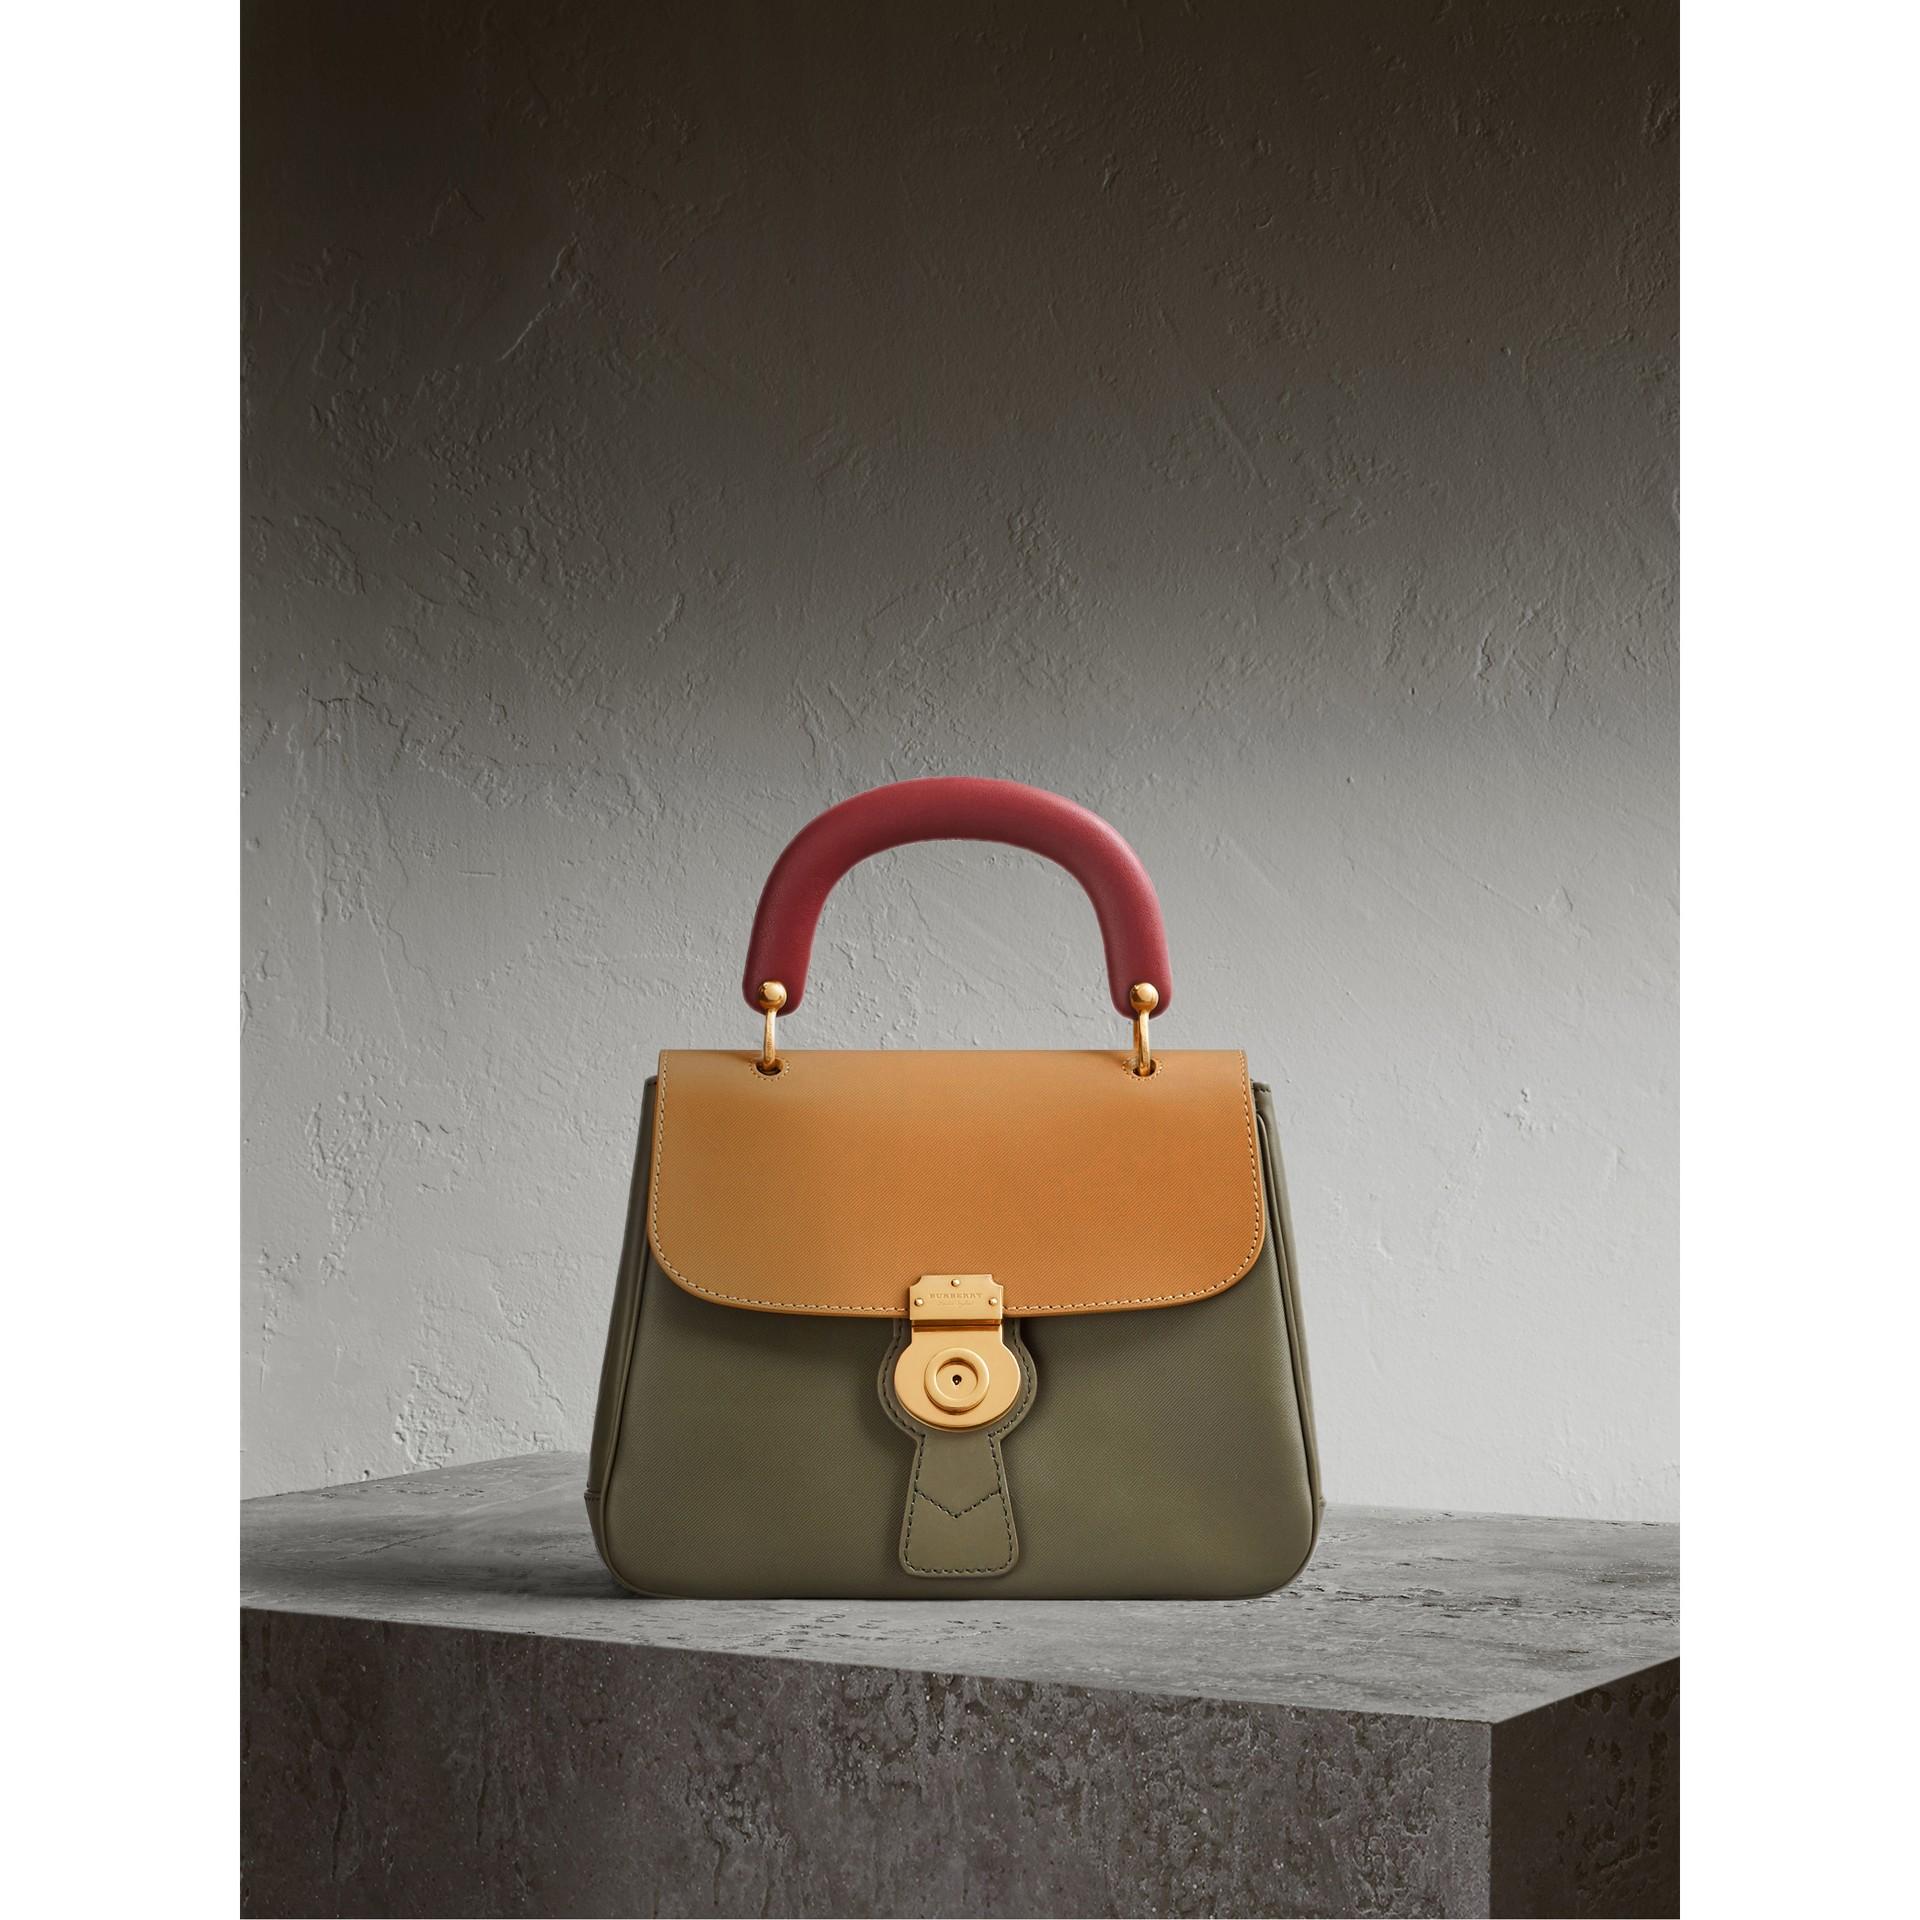 Bolsa de mão DK88 - Média (Verde Musgo/amarelo Ocre) - Mulheres | Burberry - galeria de imagens 1